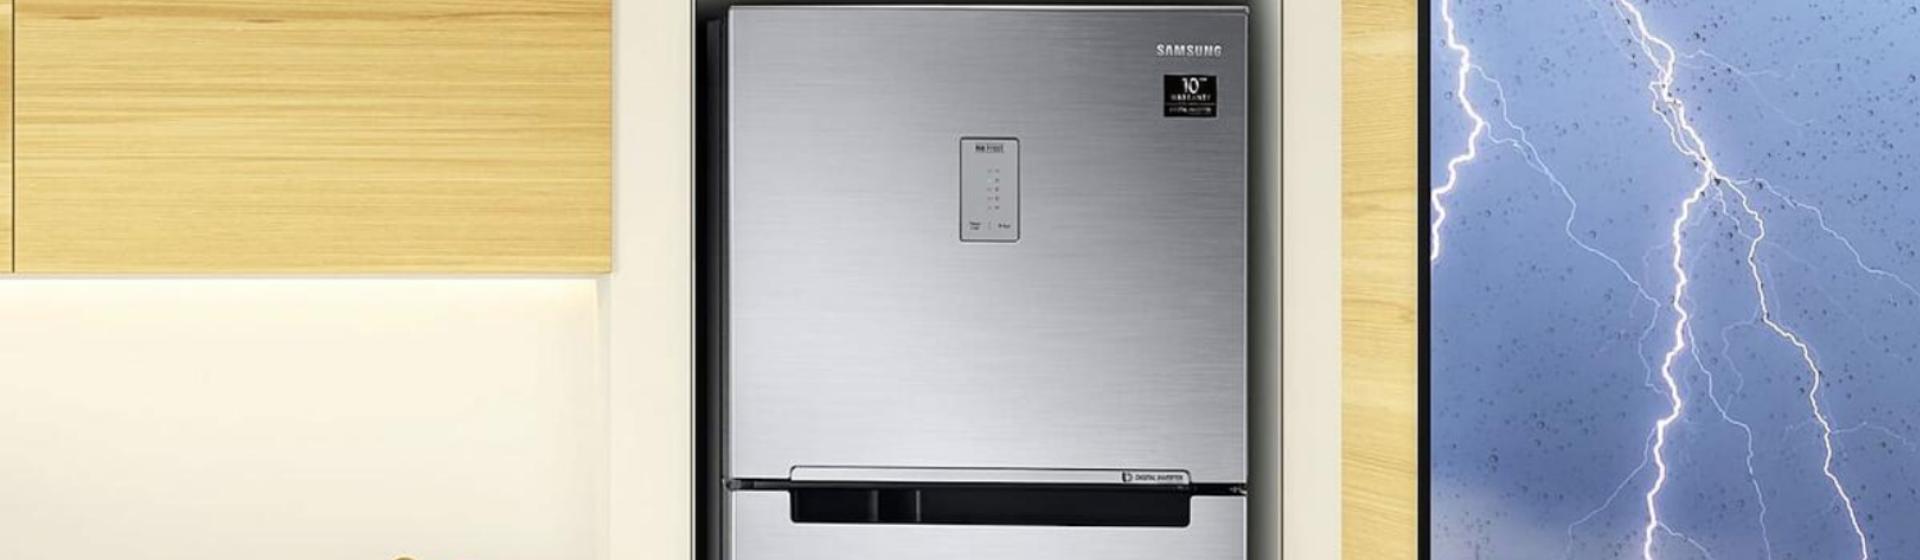 Samsung lança geladeiras resistentes a picos de energia: conheça a linha Evolution